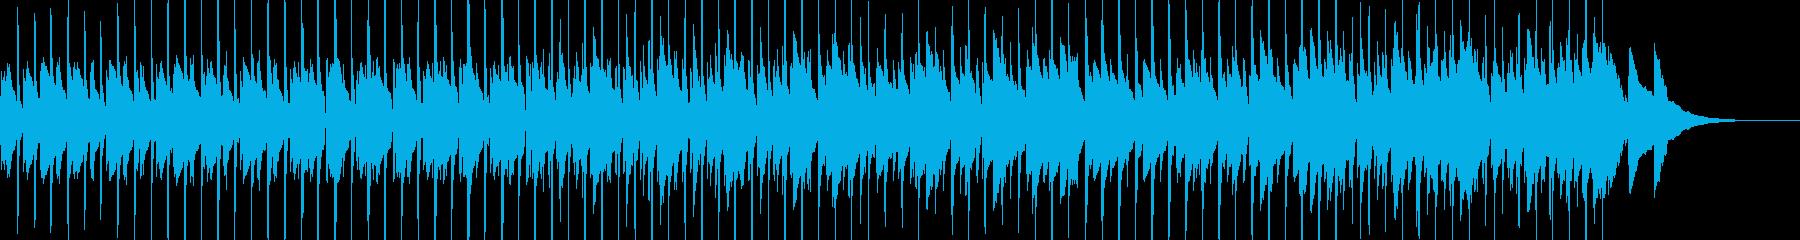 コソコソとした抜き足差し足なBGM Bの再生済みの波形